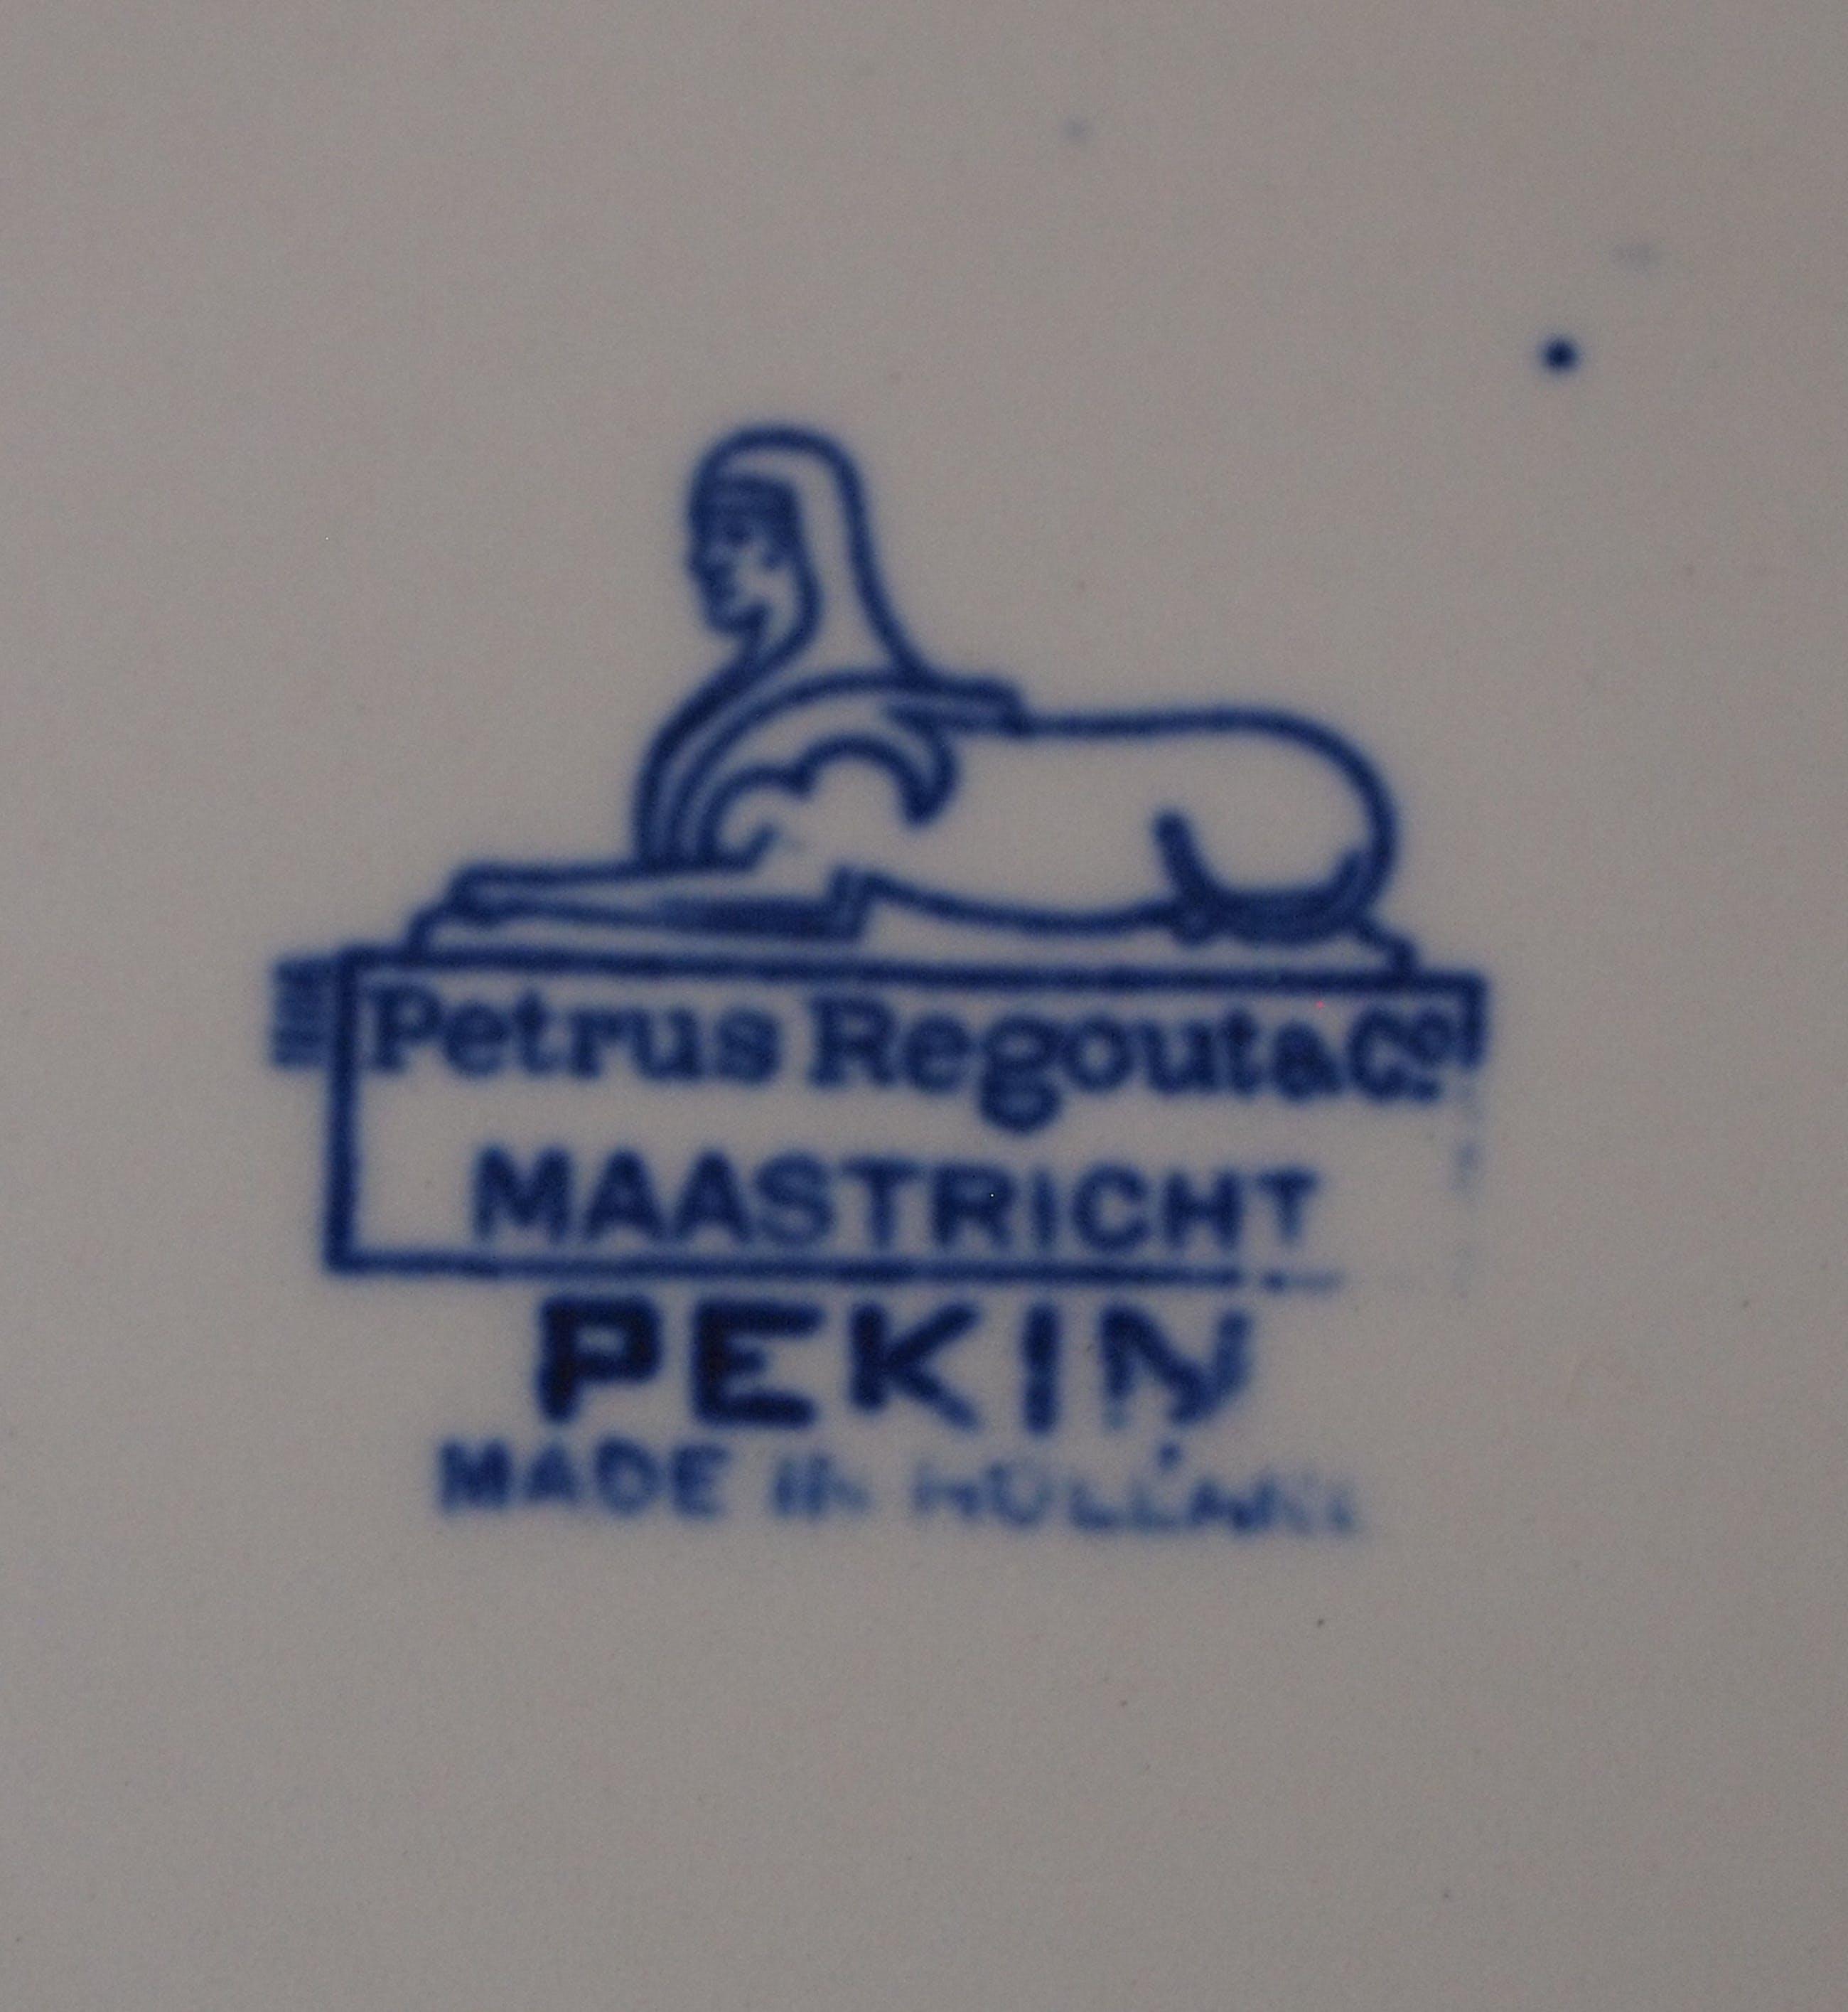 Firma Regout & Co - Antiek bord decor Pekin kopen? Bied vanaf 15!